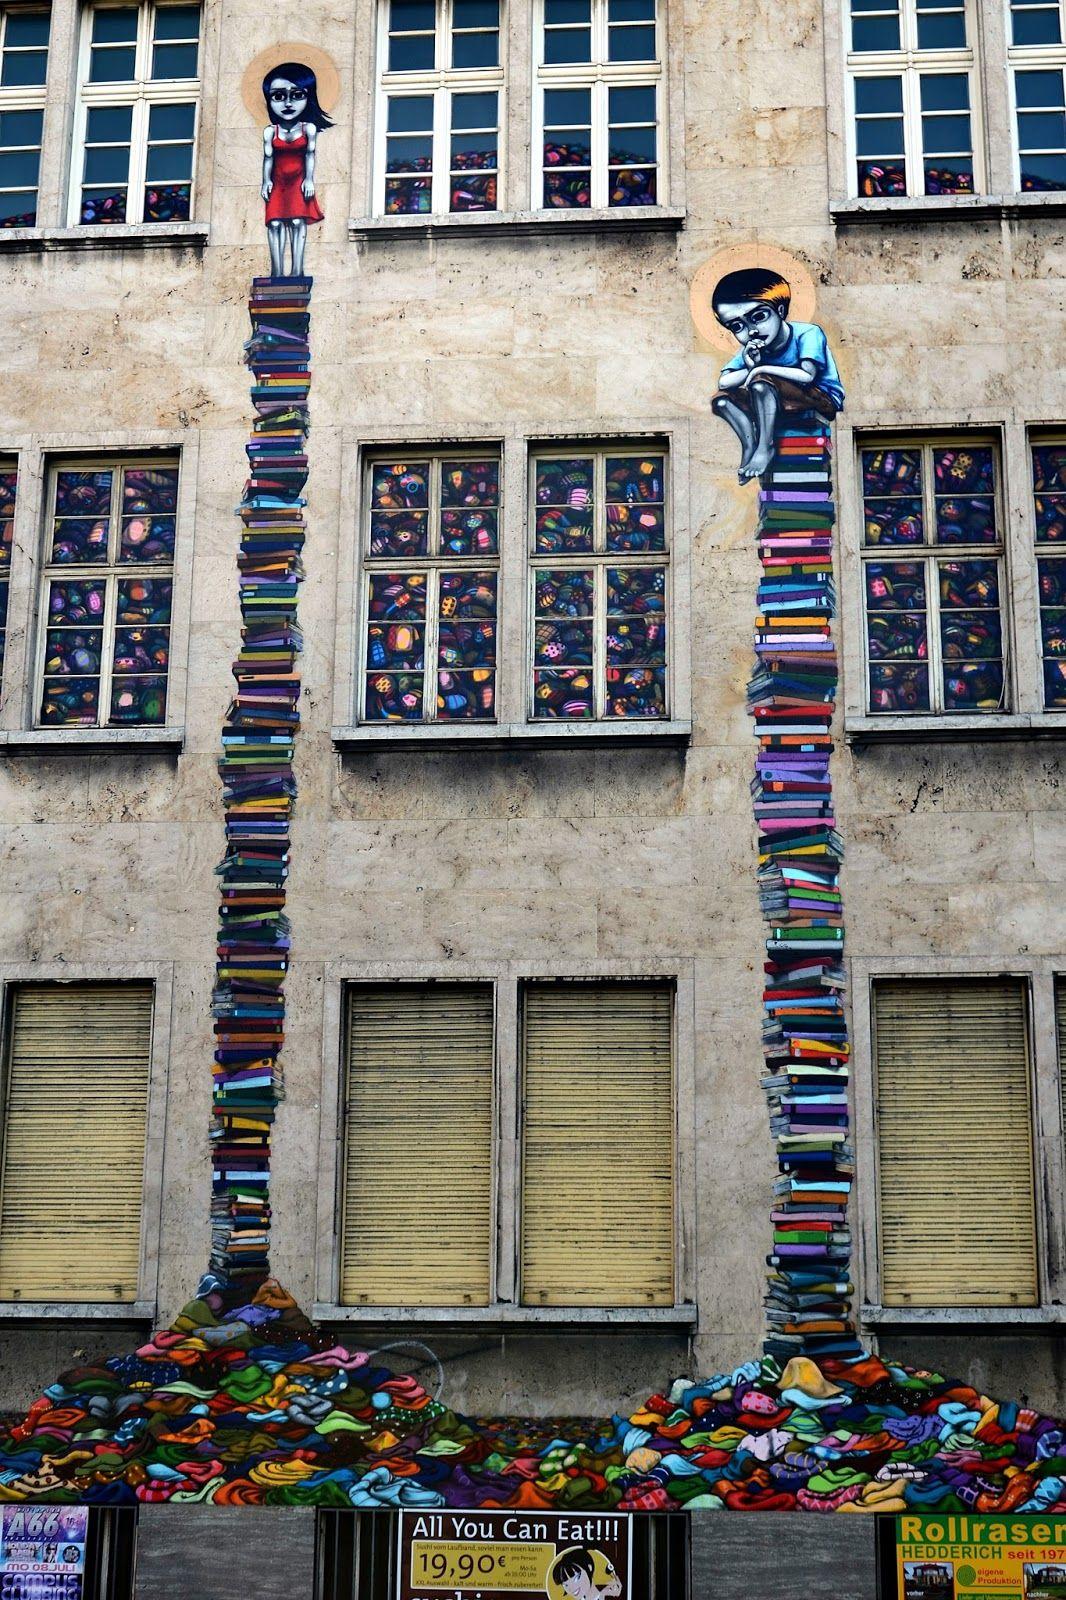 Déjate Llevar Por Pejac Y Su Surrealismo Dentro De Las Calles - Building in berlin gets transformed by amazing 137 foot tall starling mural